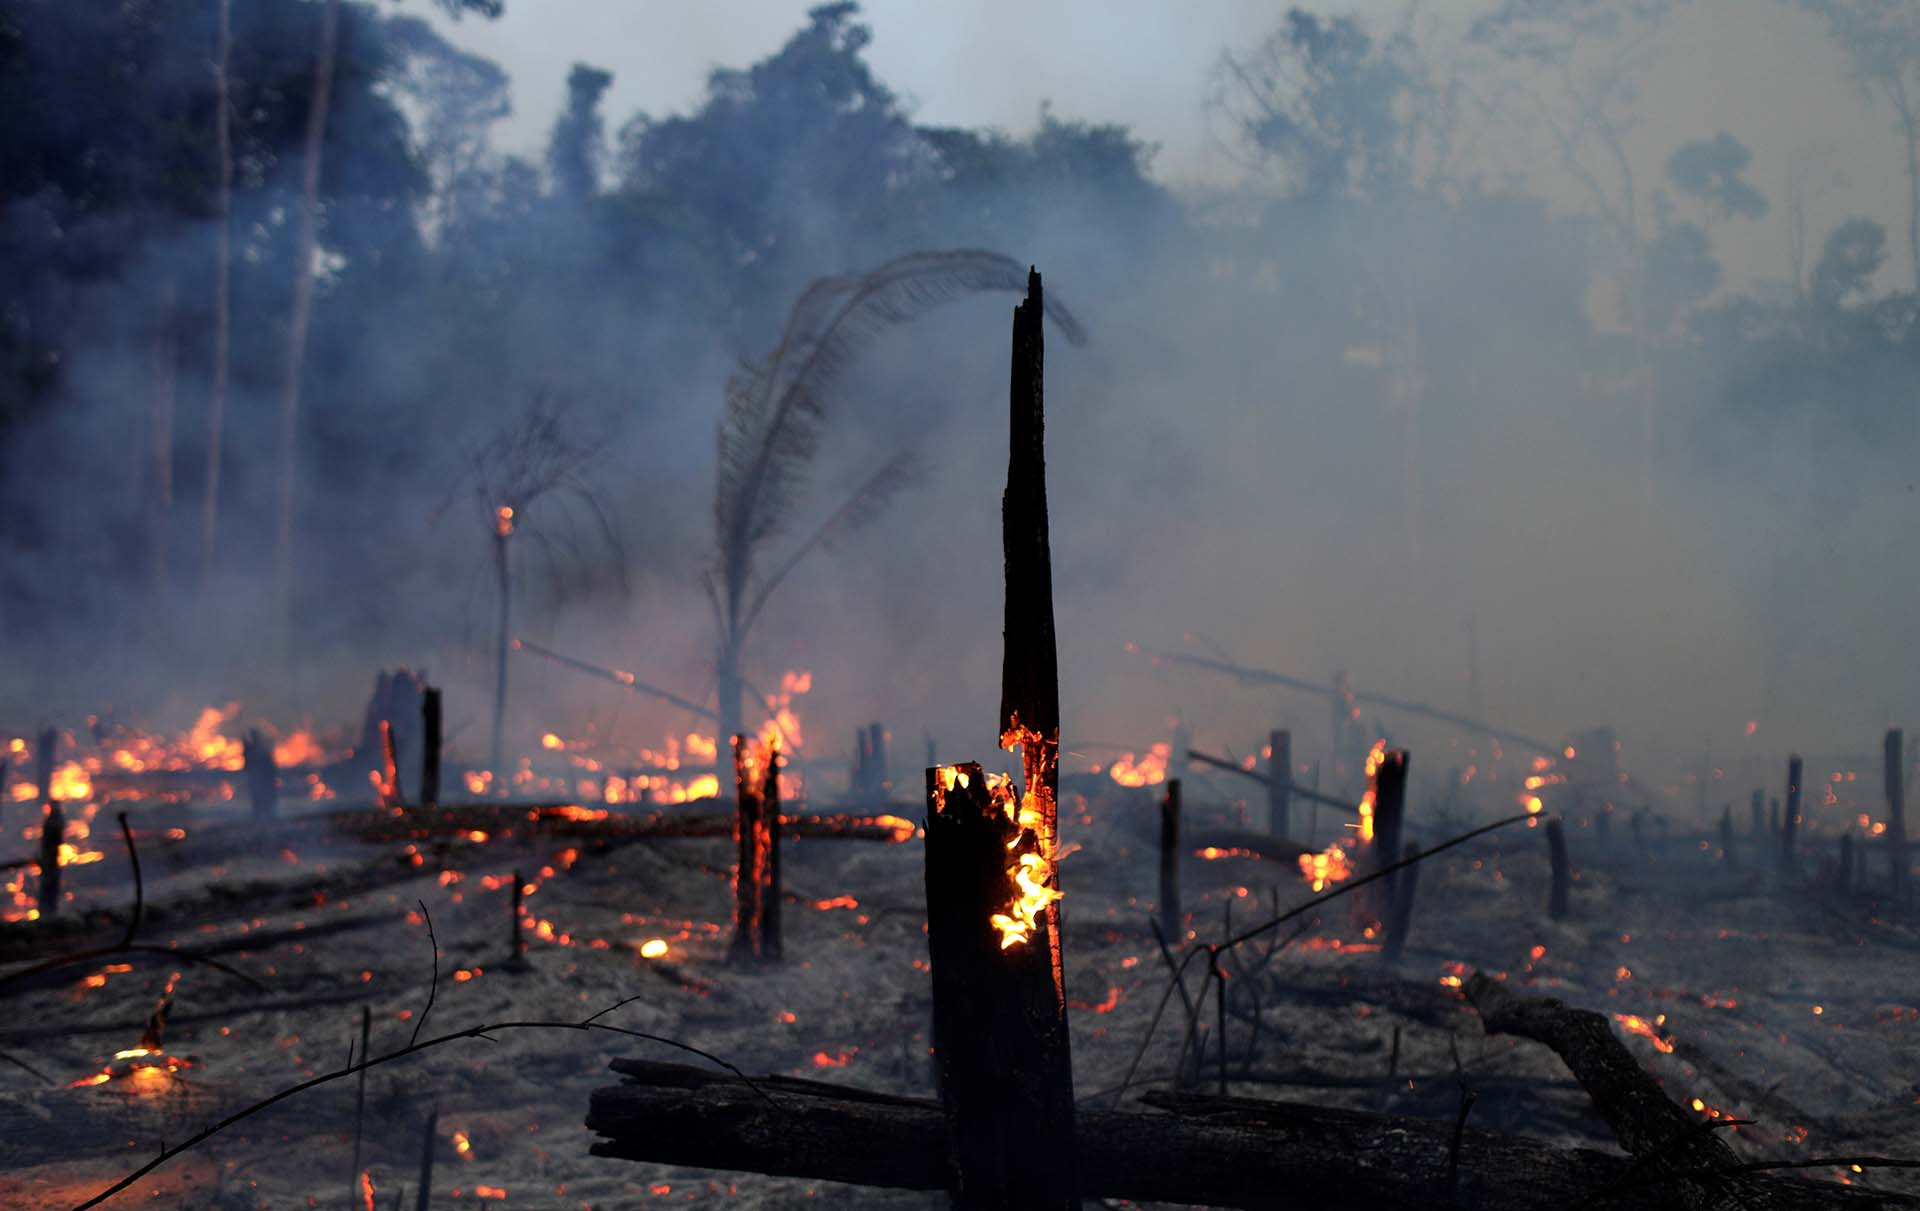 Incendios en el Amazonas: impresionantes imágenes de la